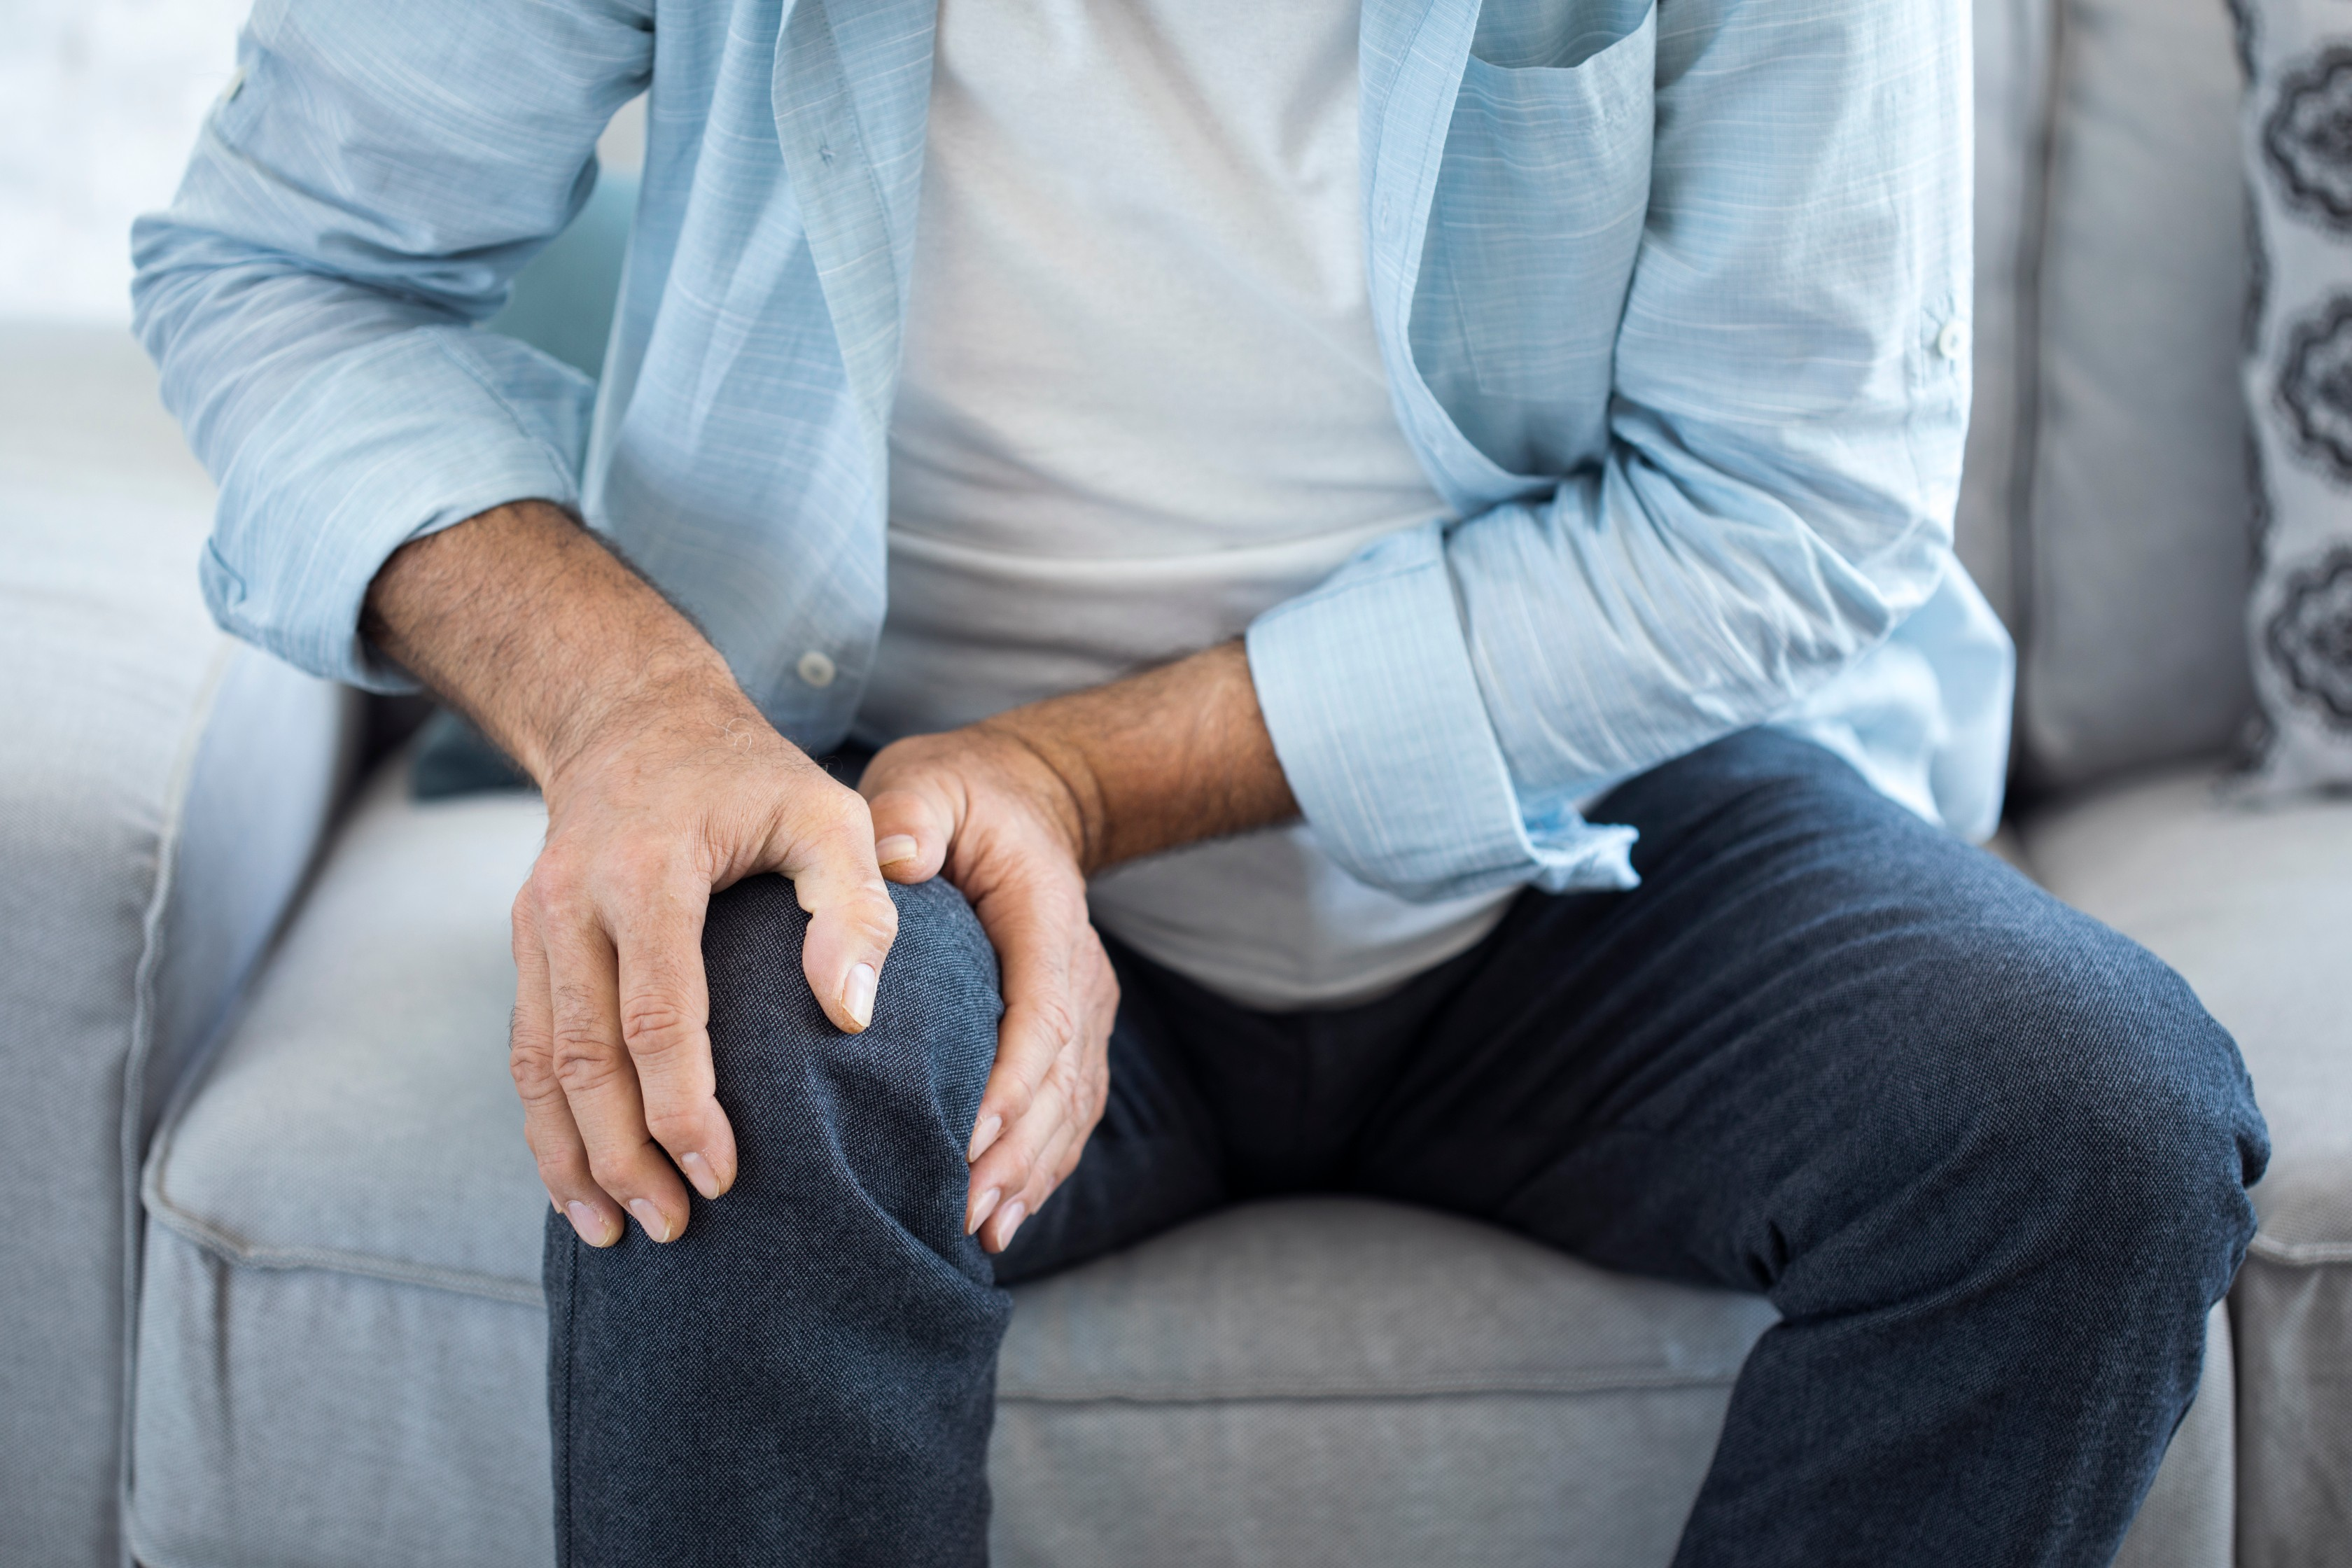 ízületi fájdalomkeresés gyógynövények gerinc és ízületek kezelésére